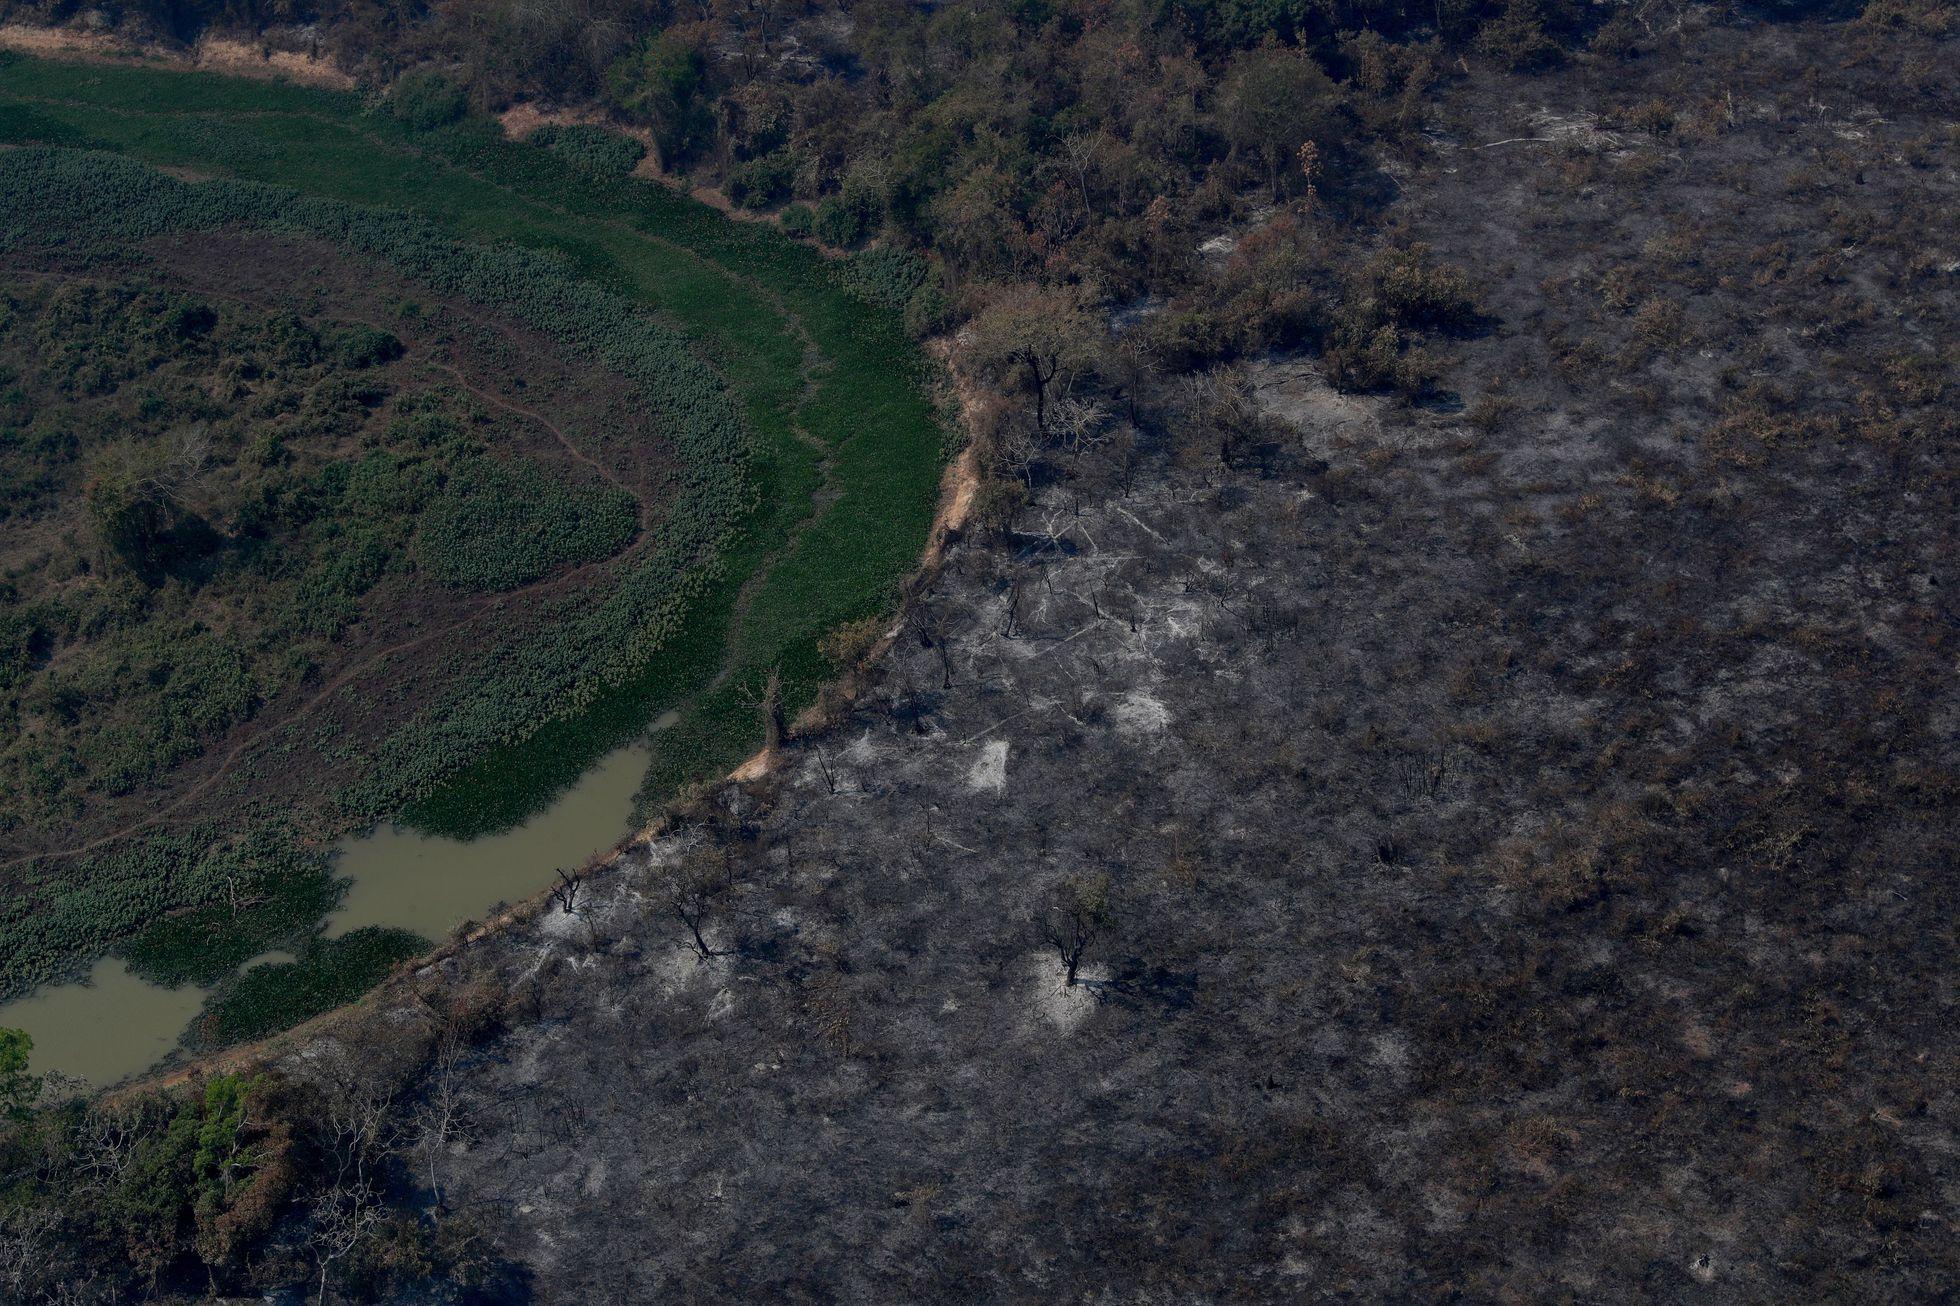 Letos už v Pantanalu shořelo přes 23 tisíc kilometrů čtverečních, tedy 16 procent celého mokřadu. Pro srovnání je to o asi tisíc kilometrů čtverečních větší plocha, než na jaké se rozprostírá Morava.